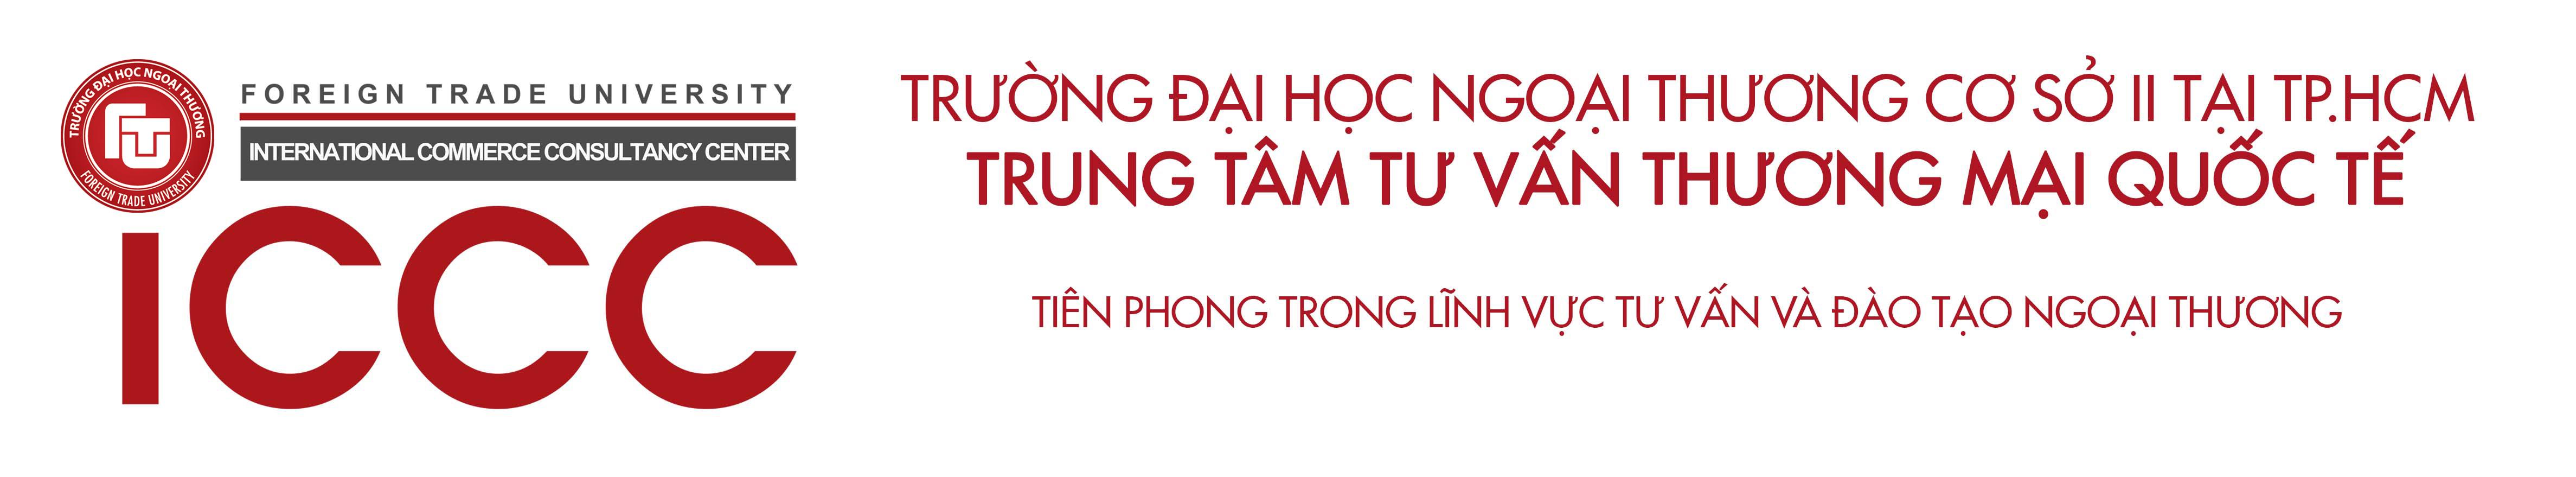 1593678076_websitetopbanner.png